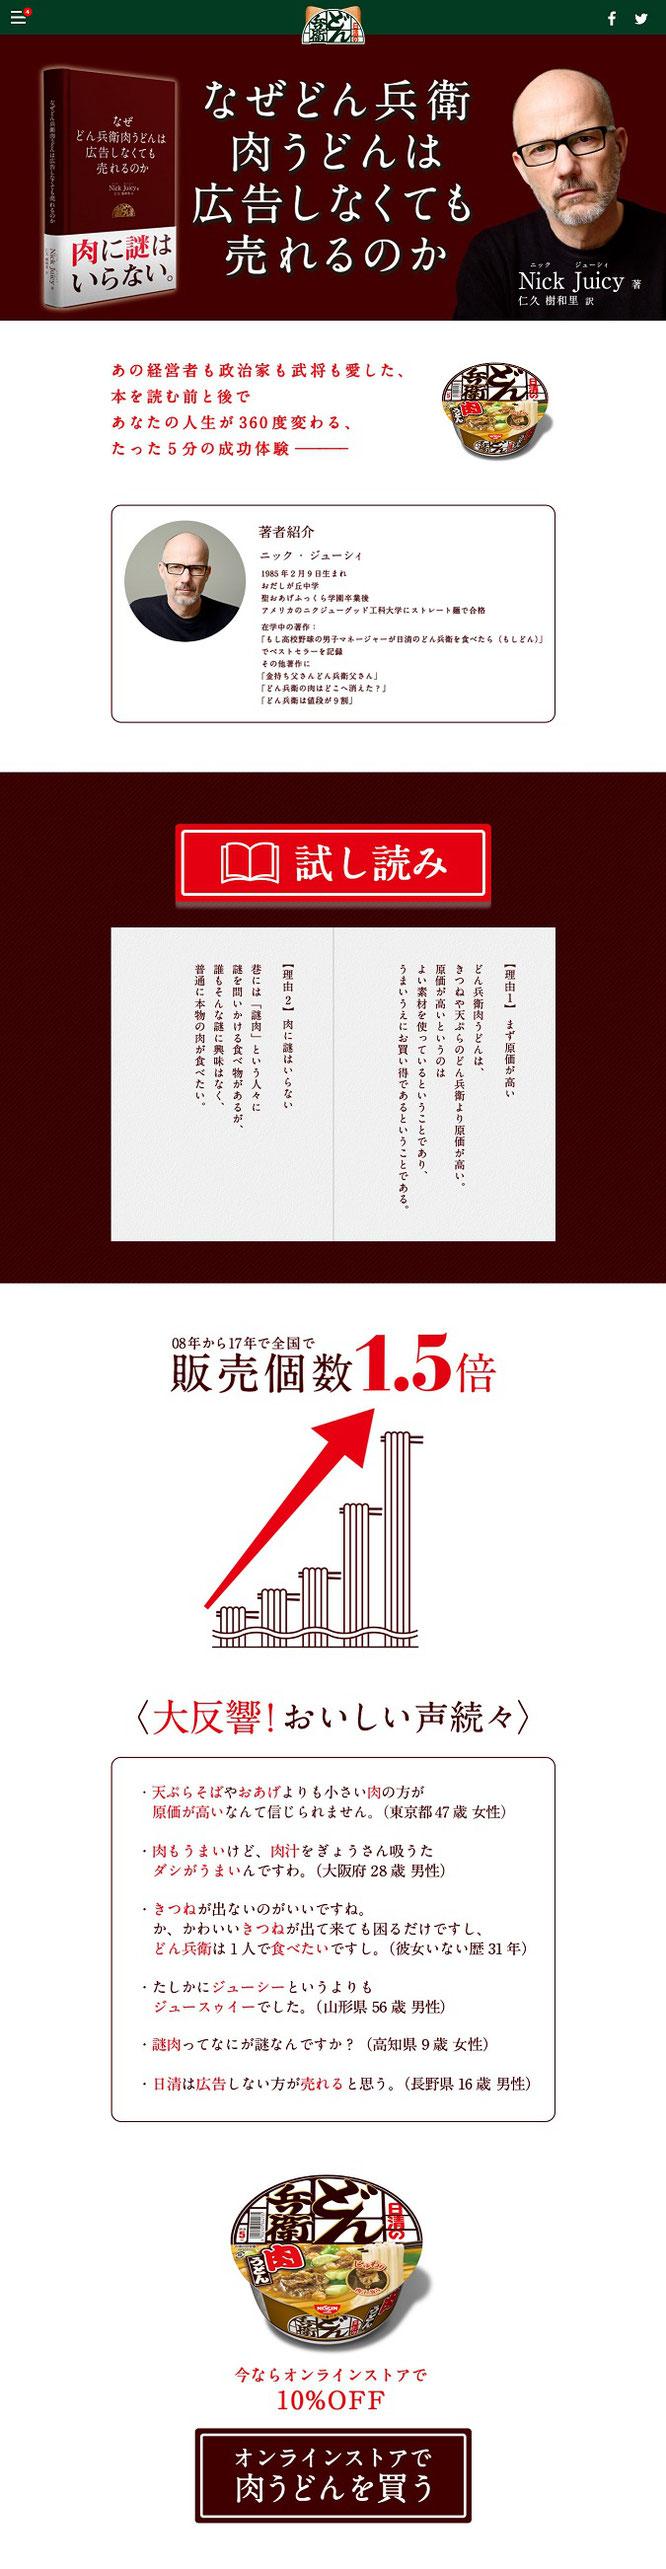 【日清食品】架空のビジネス書「なぜどん兵衛肉うどんは広告しなくても売れるのか」